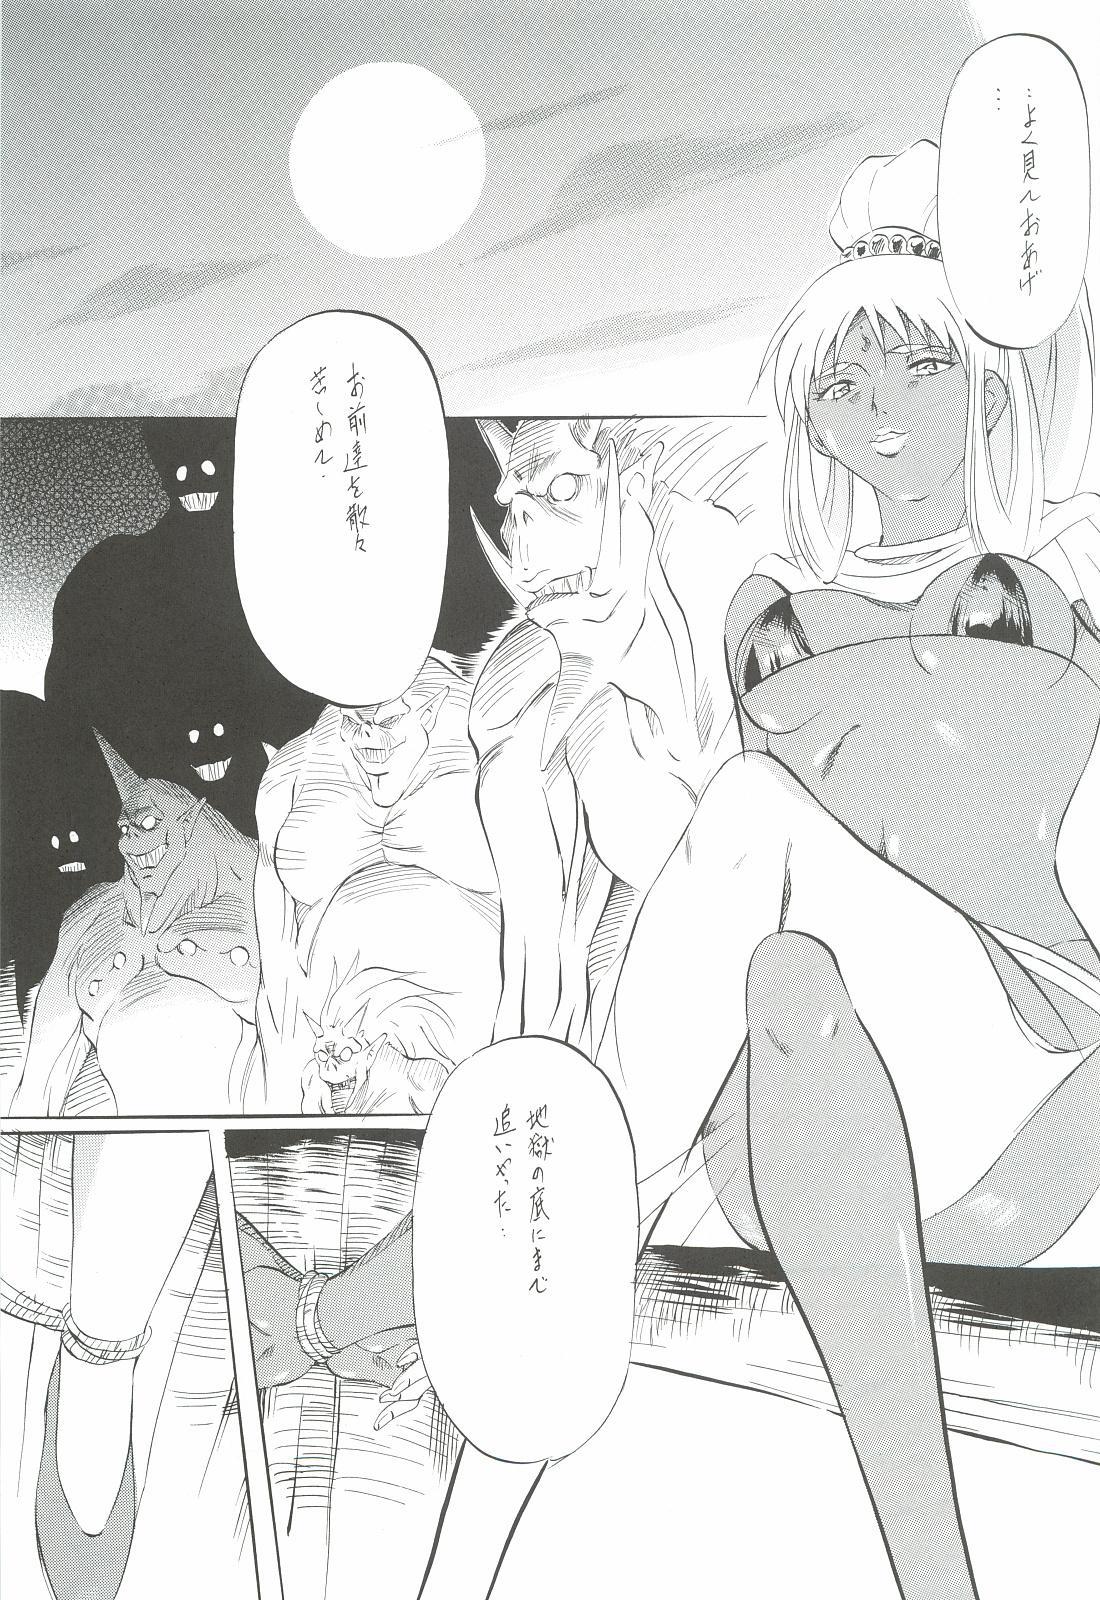 Ai & Mai Gaiden - Kishin Fukkatsu no Shou 117